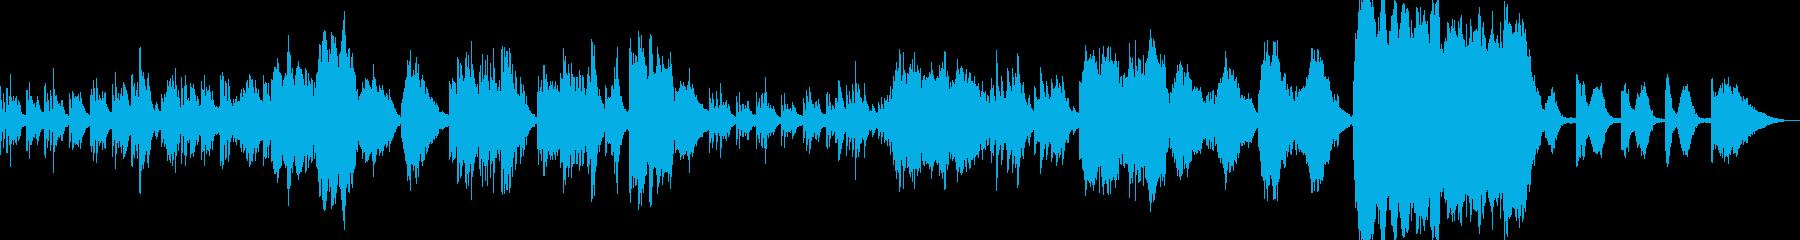 【感動】ピアノとストリングスの愛の曲の再生済みの波形